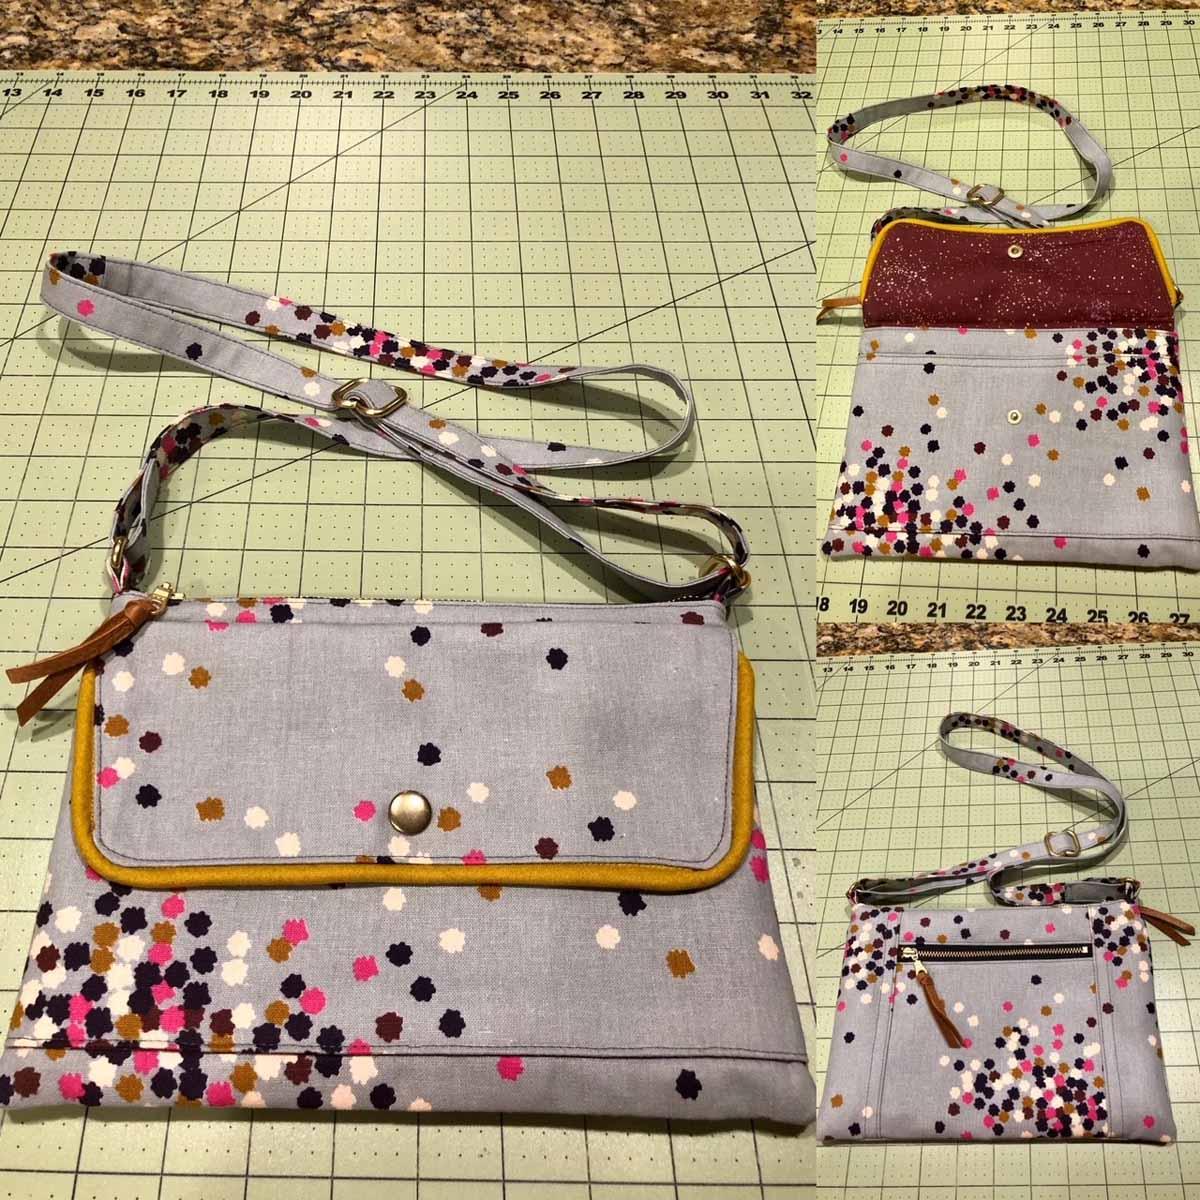 Sommer Louie - Crossbody bag